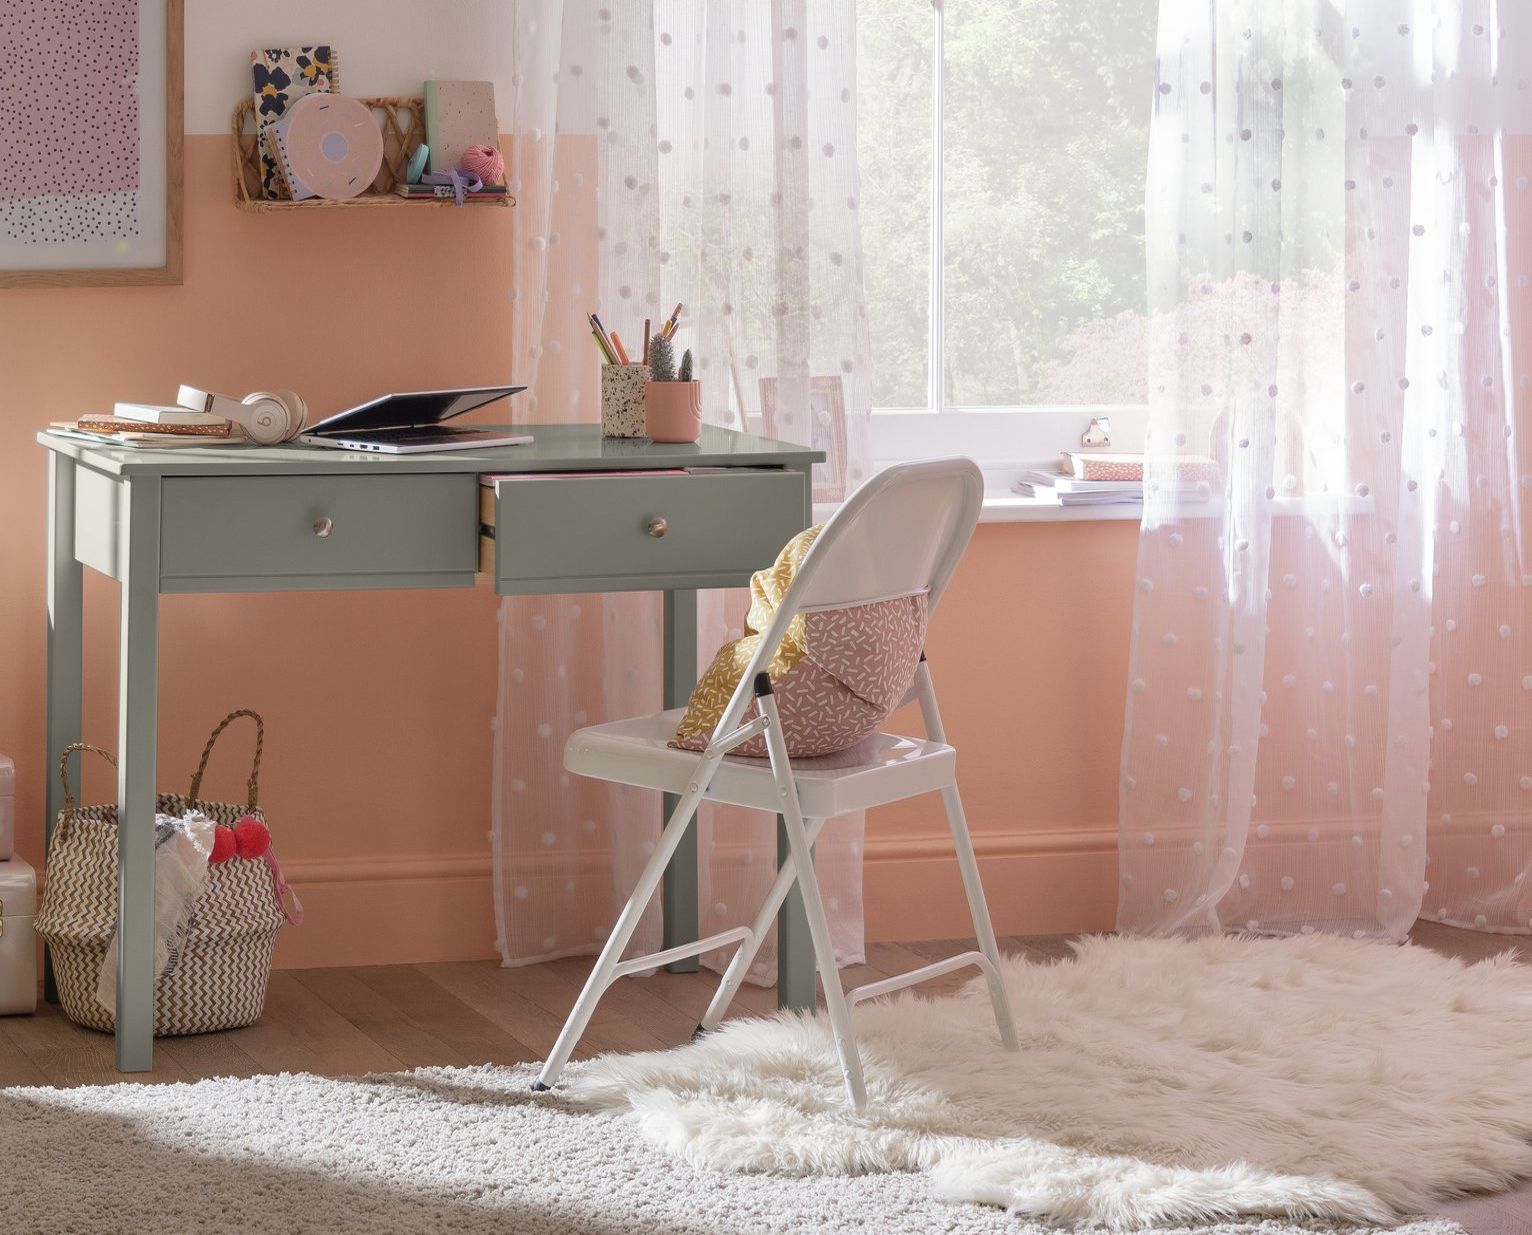 Kidsu0027 Office Furniture | Childrenu0027s Desks U0026 Chairs | Argos